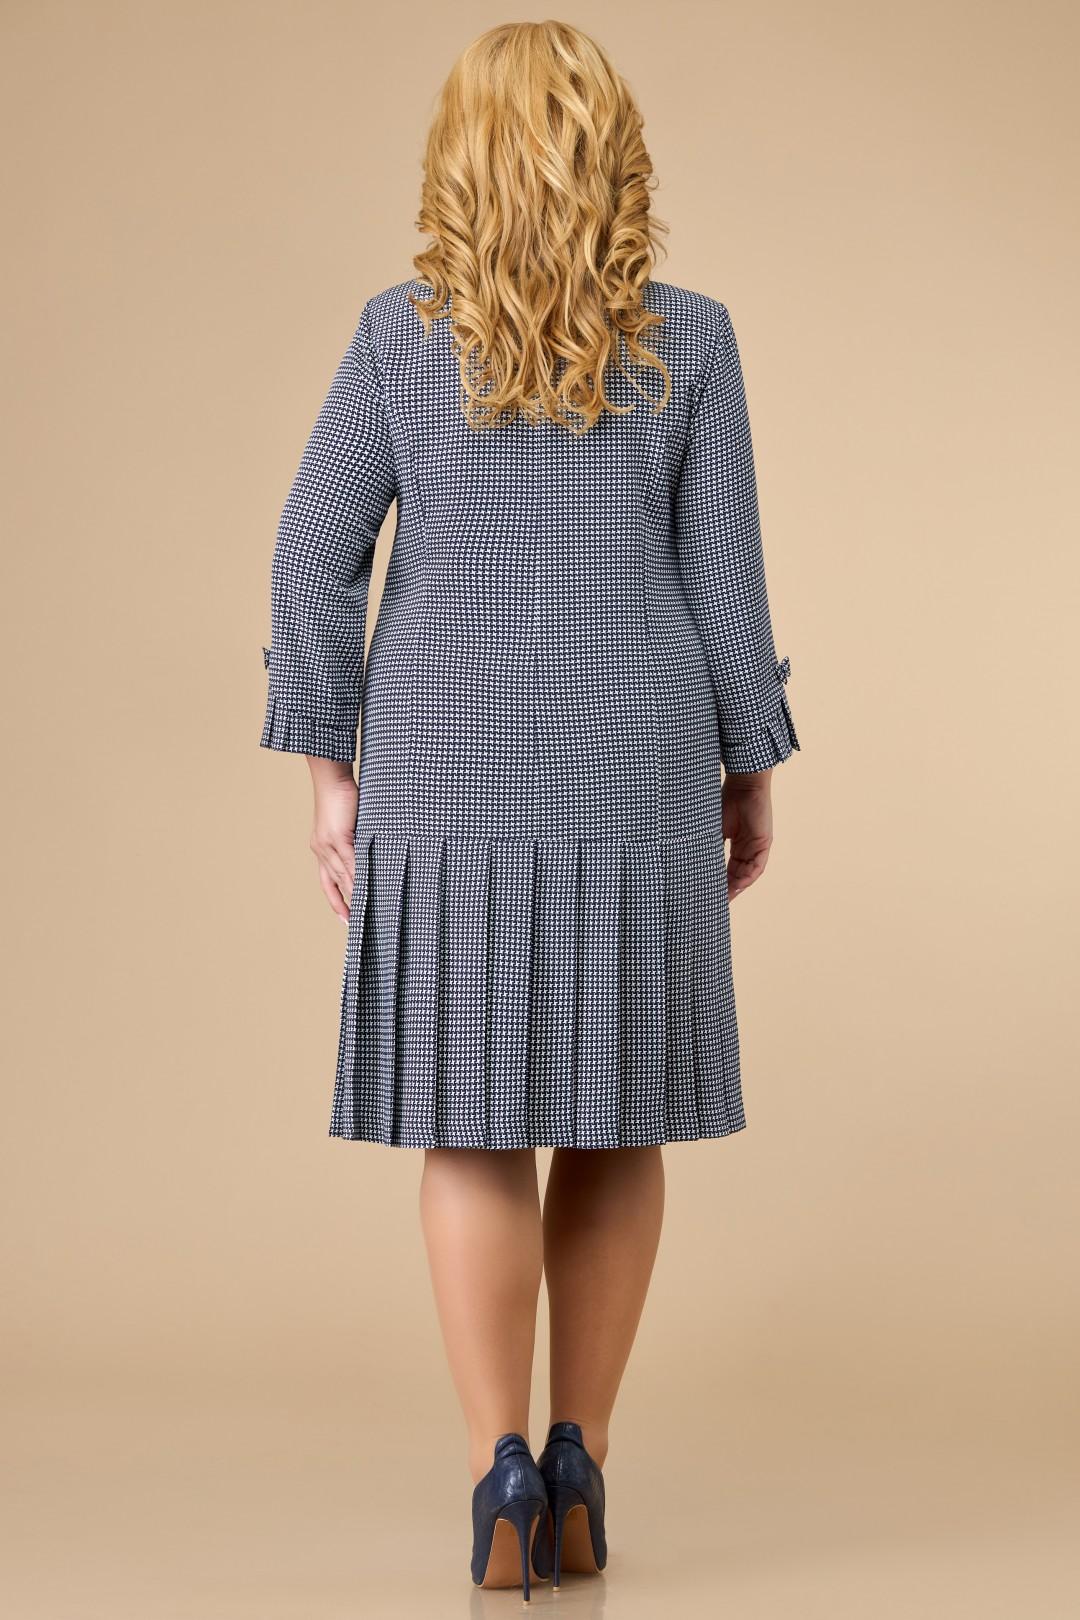 Платье Светлана-Стиль 1429.08 синий+узор